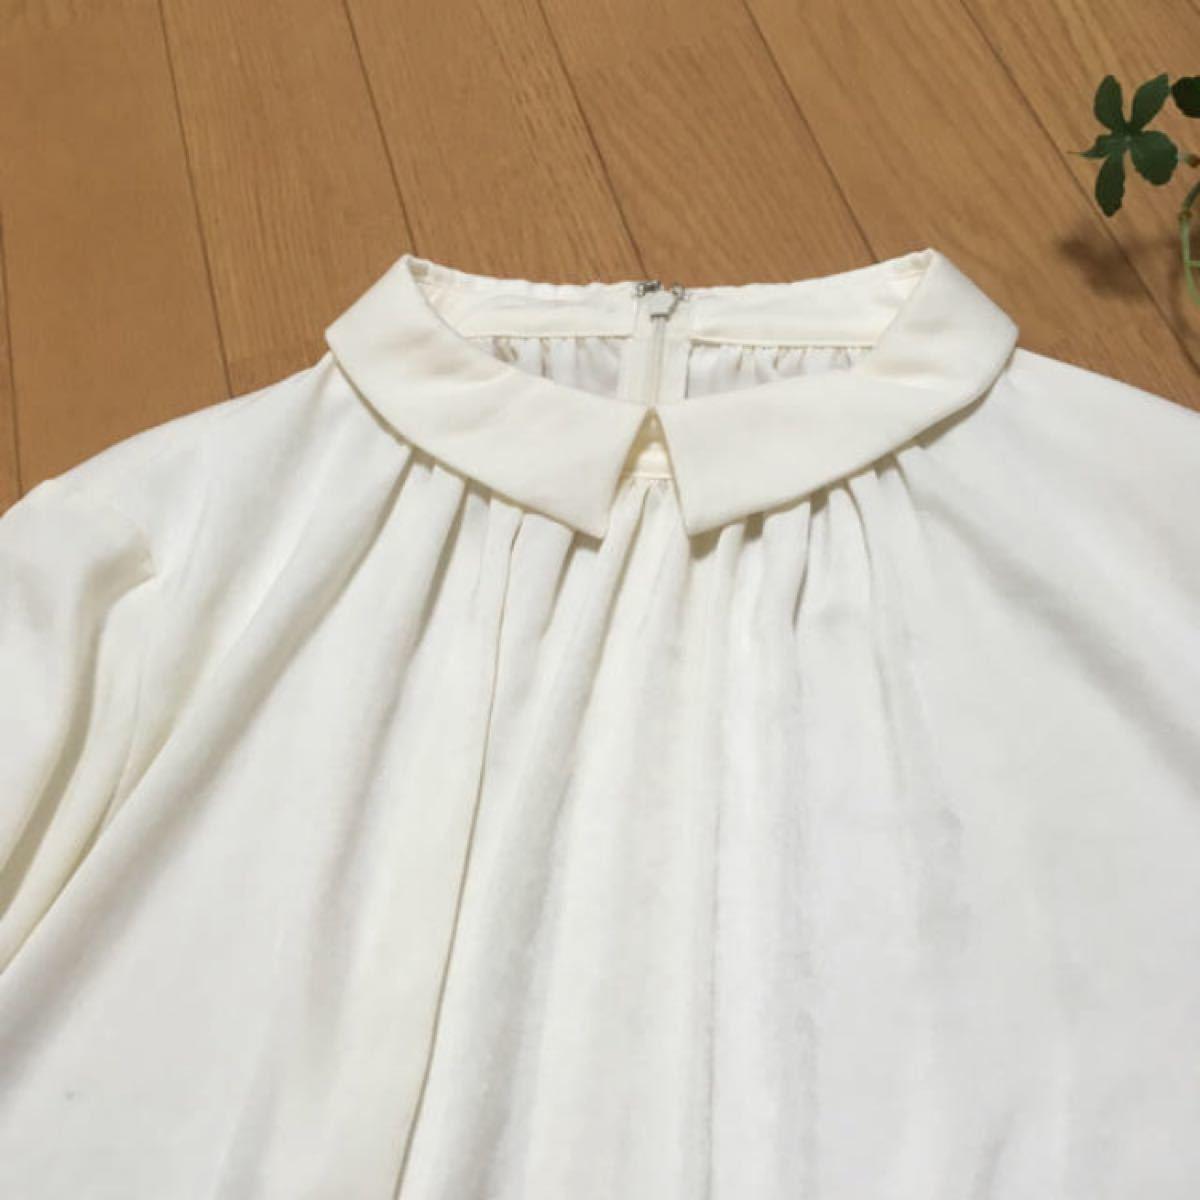 ブラウス ホワイト 白 長袖